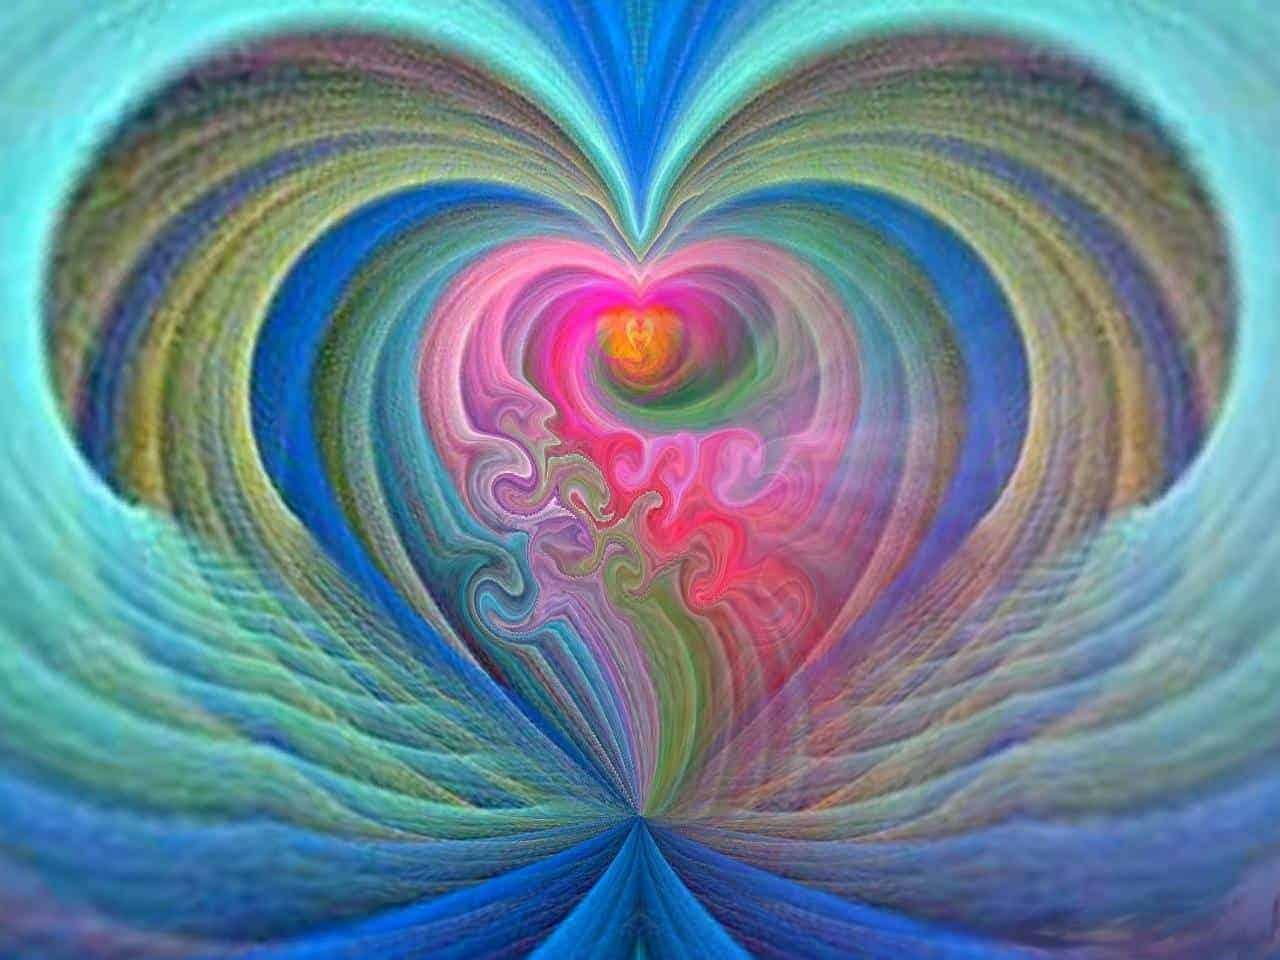 20170720 carolina396 id129795 colors1 - Saúl ~El Amor es aceptación completa y perdón completo sin condiciones de ningún tipo - hermandadblanca.org